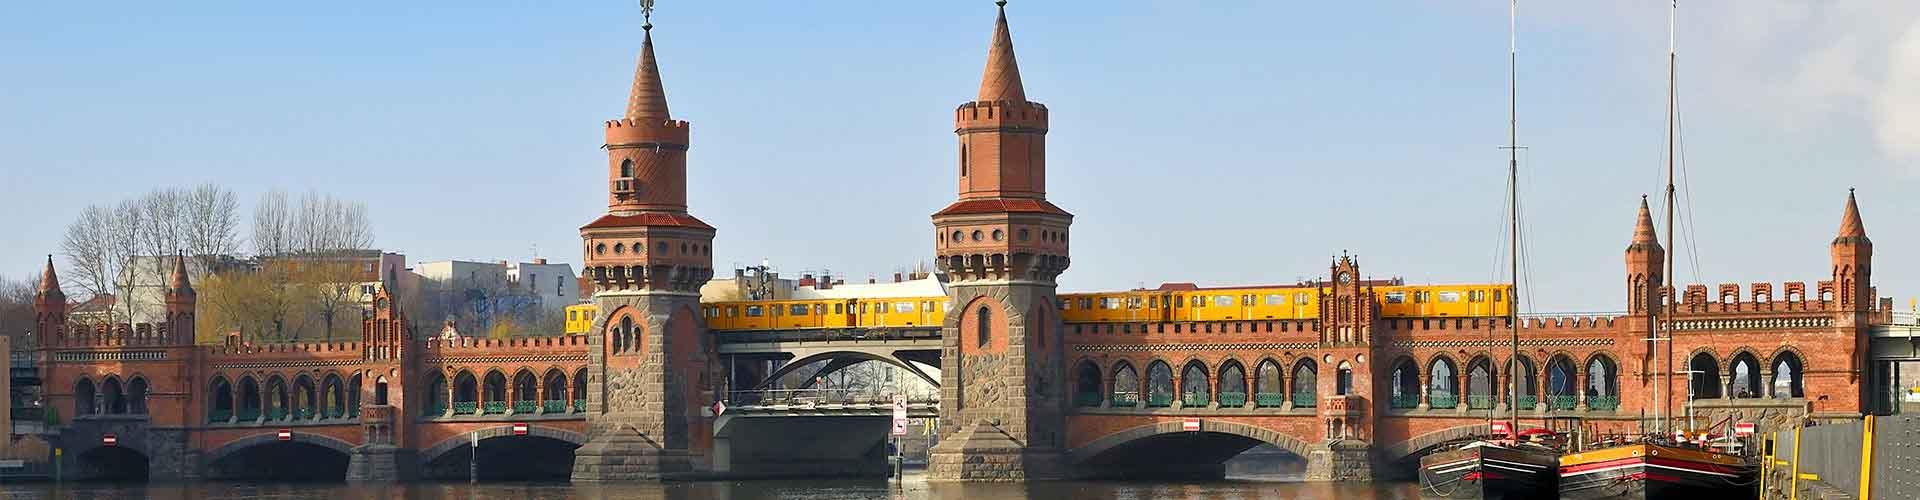 베를린 - 오버바움브뤼케에 가까운 호스텔. 베를린의 지도, 베를린에 위치한 호스텔에 대한 사진 및 리뷰.